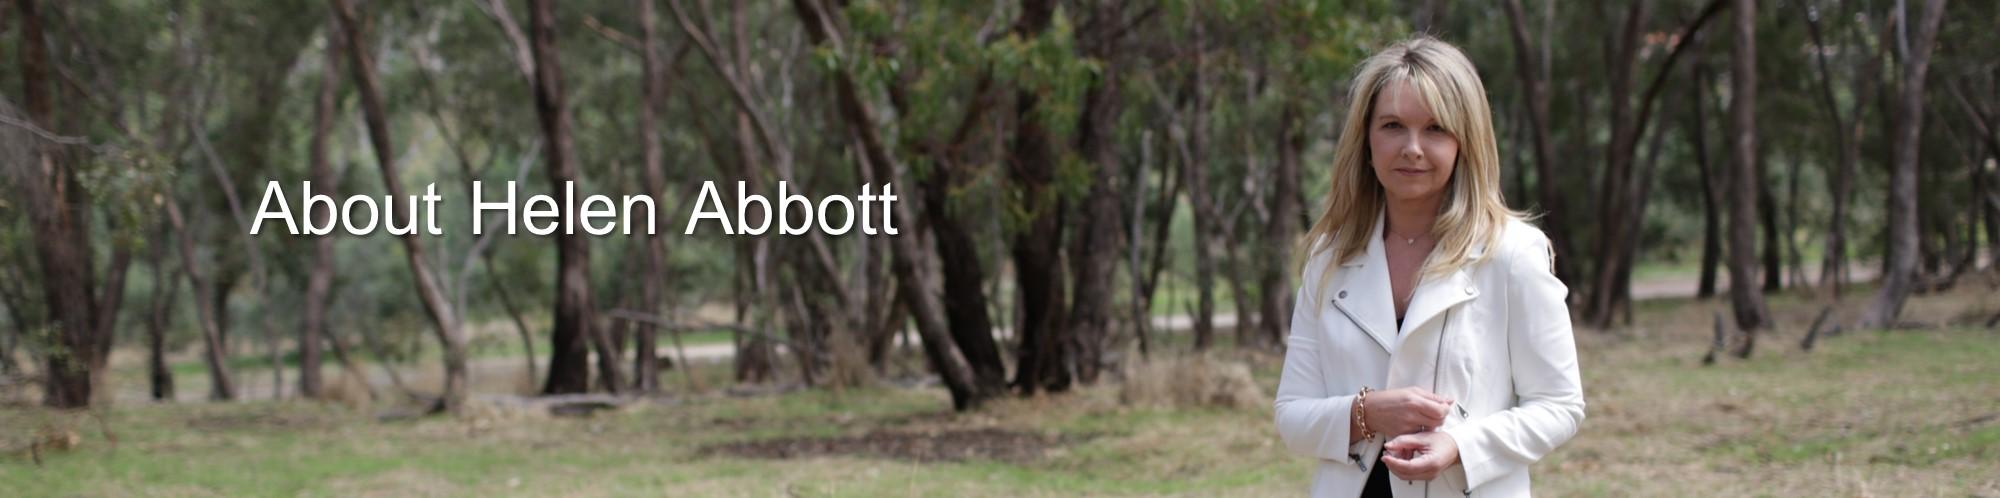 Helen Abbott About Banner